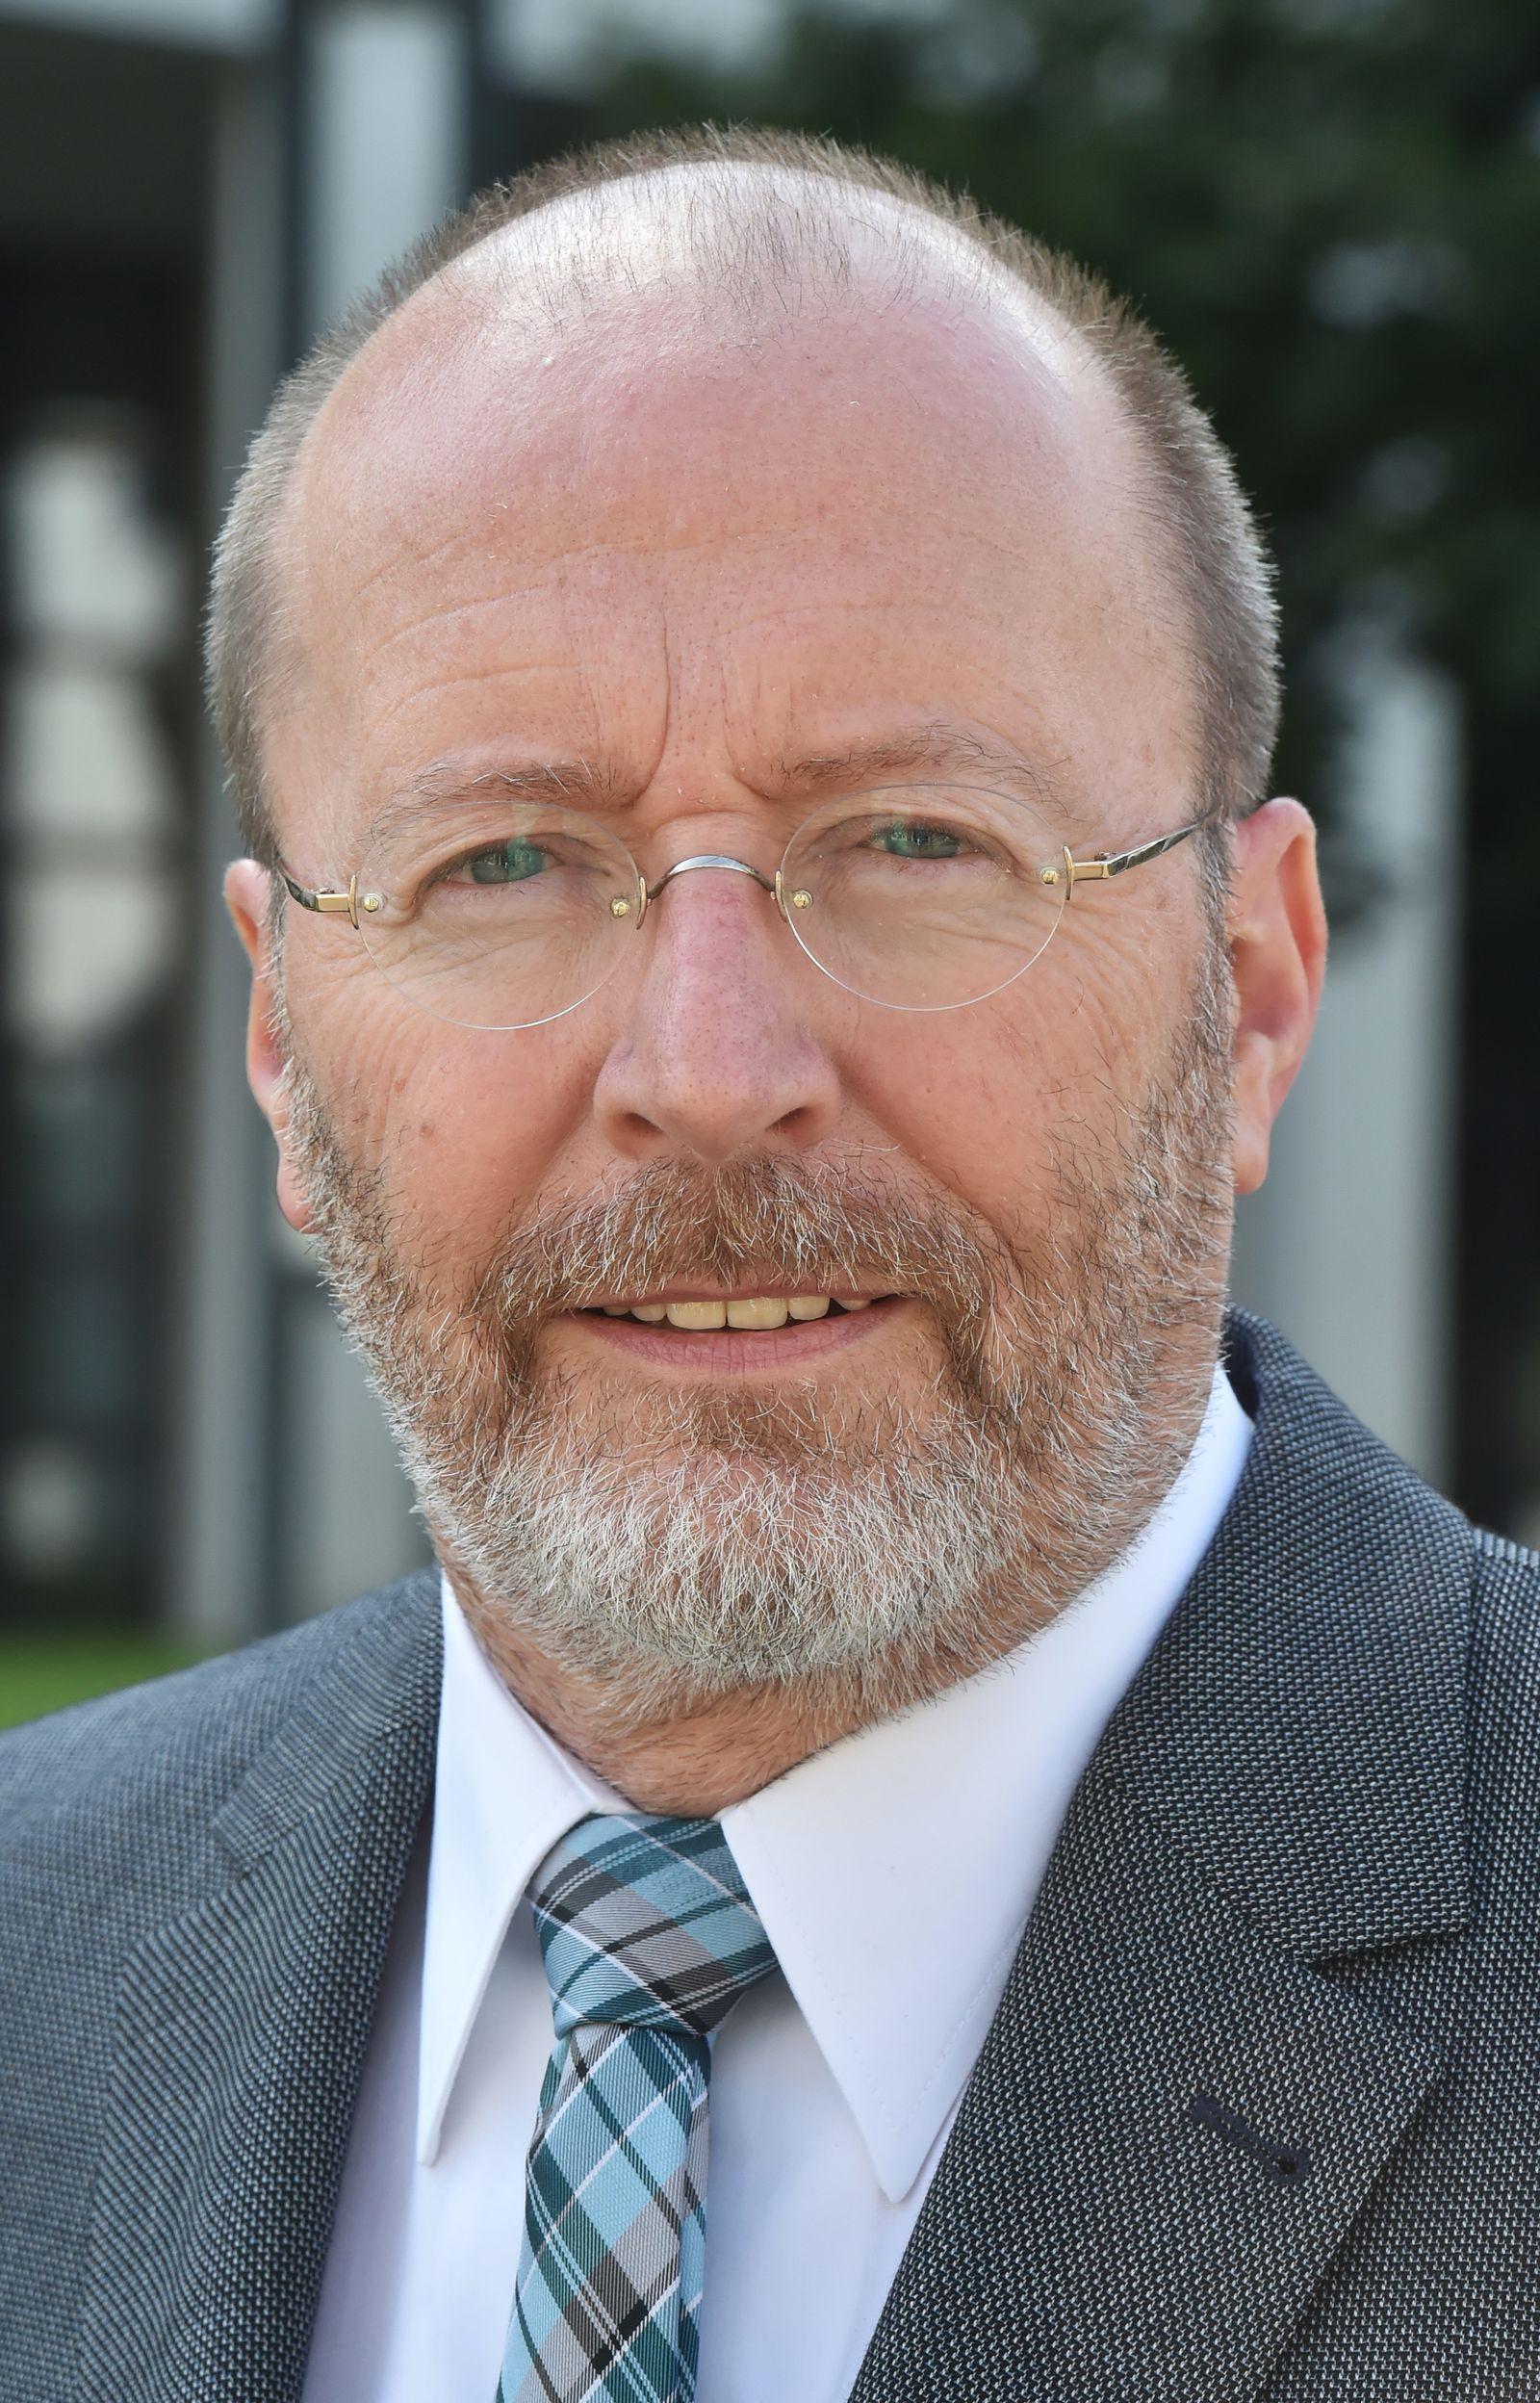 Bundesanwalt Thomas Beck